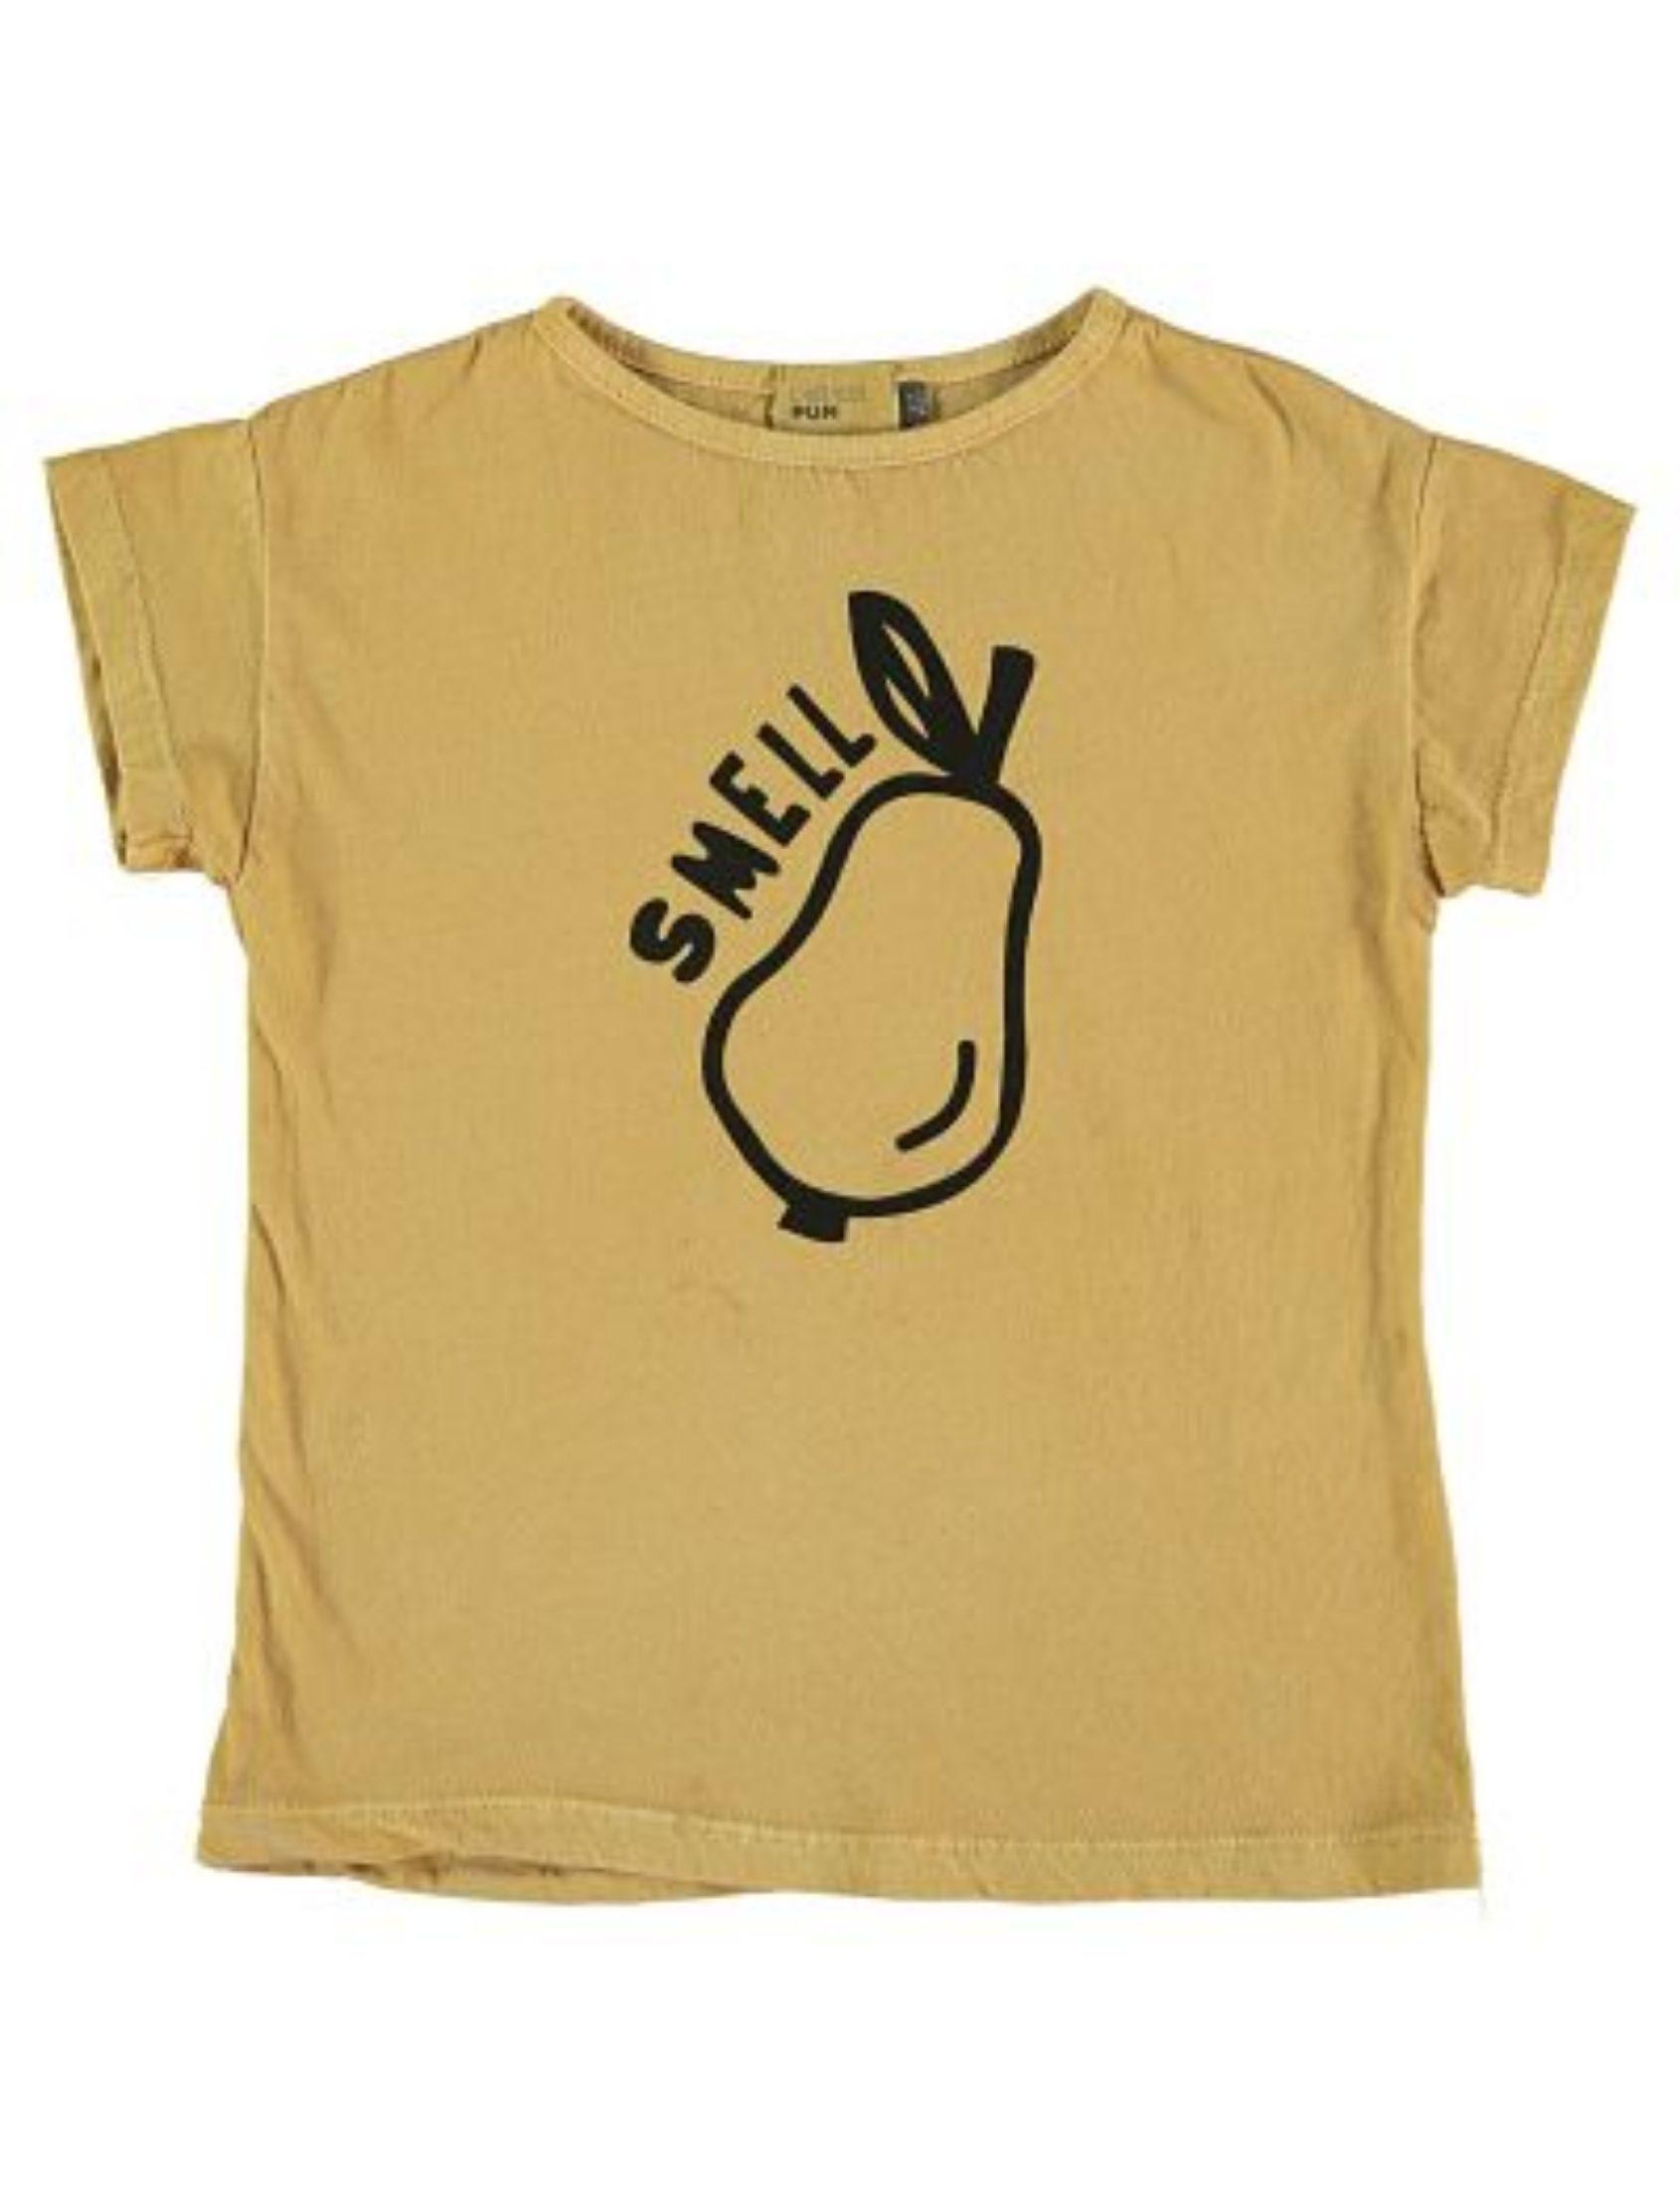 camiseta de algodon con manga corta en color mostaza y dibujo de fruta con mensaje smell